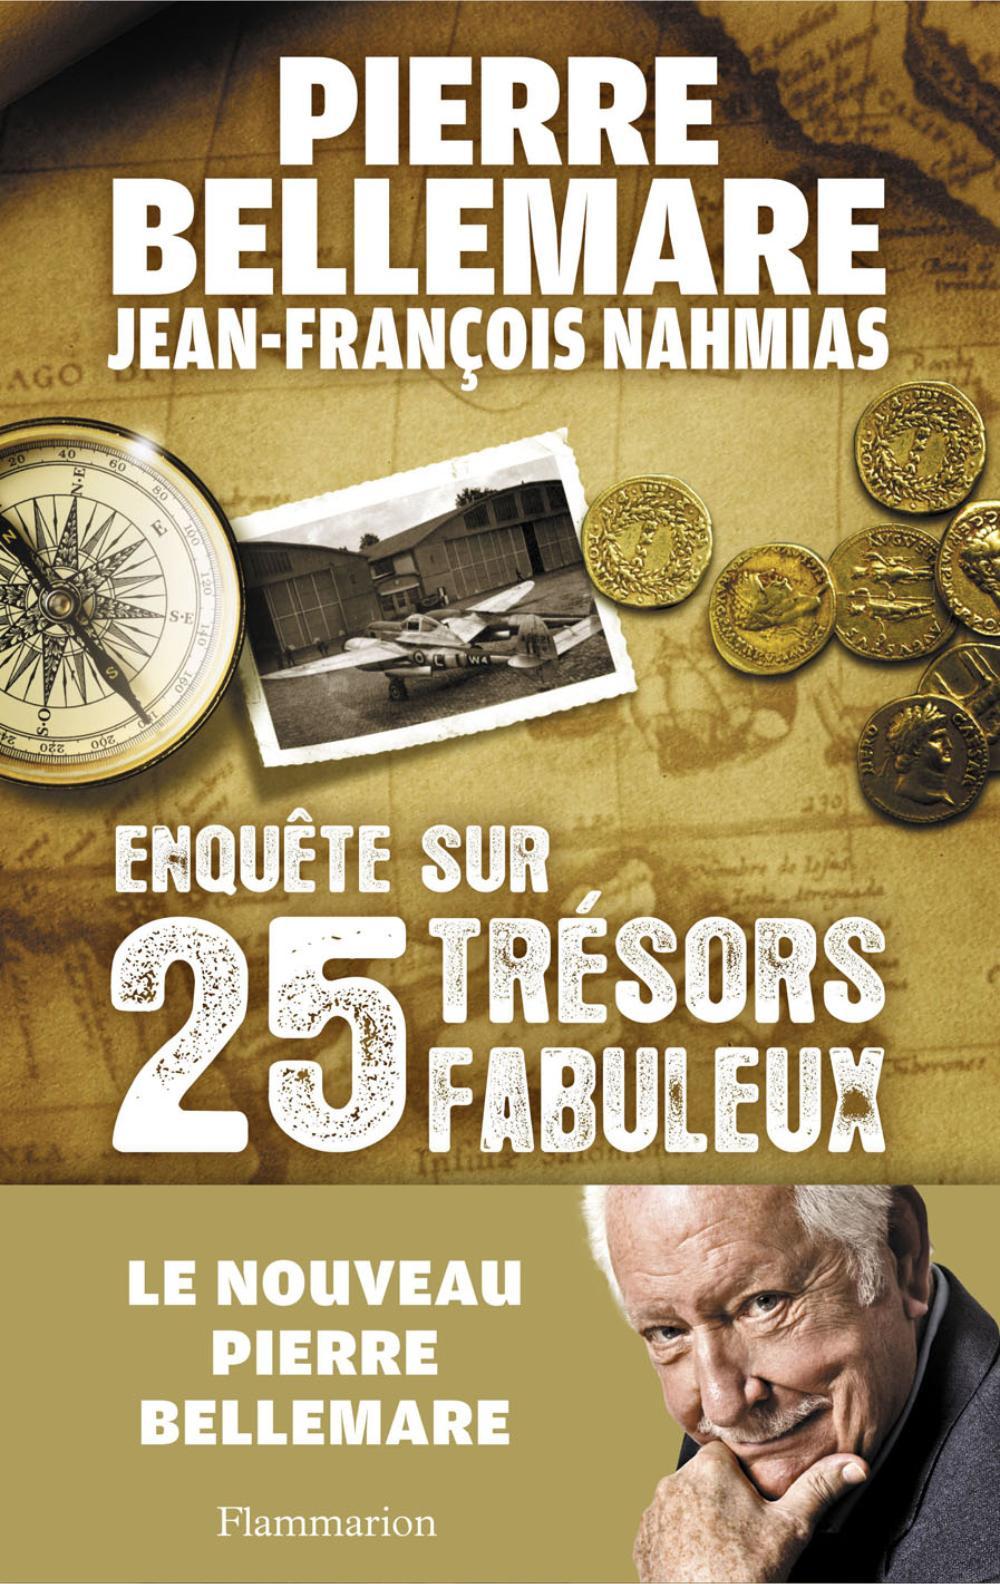 Enquête sur 25 trésors fabu...